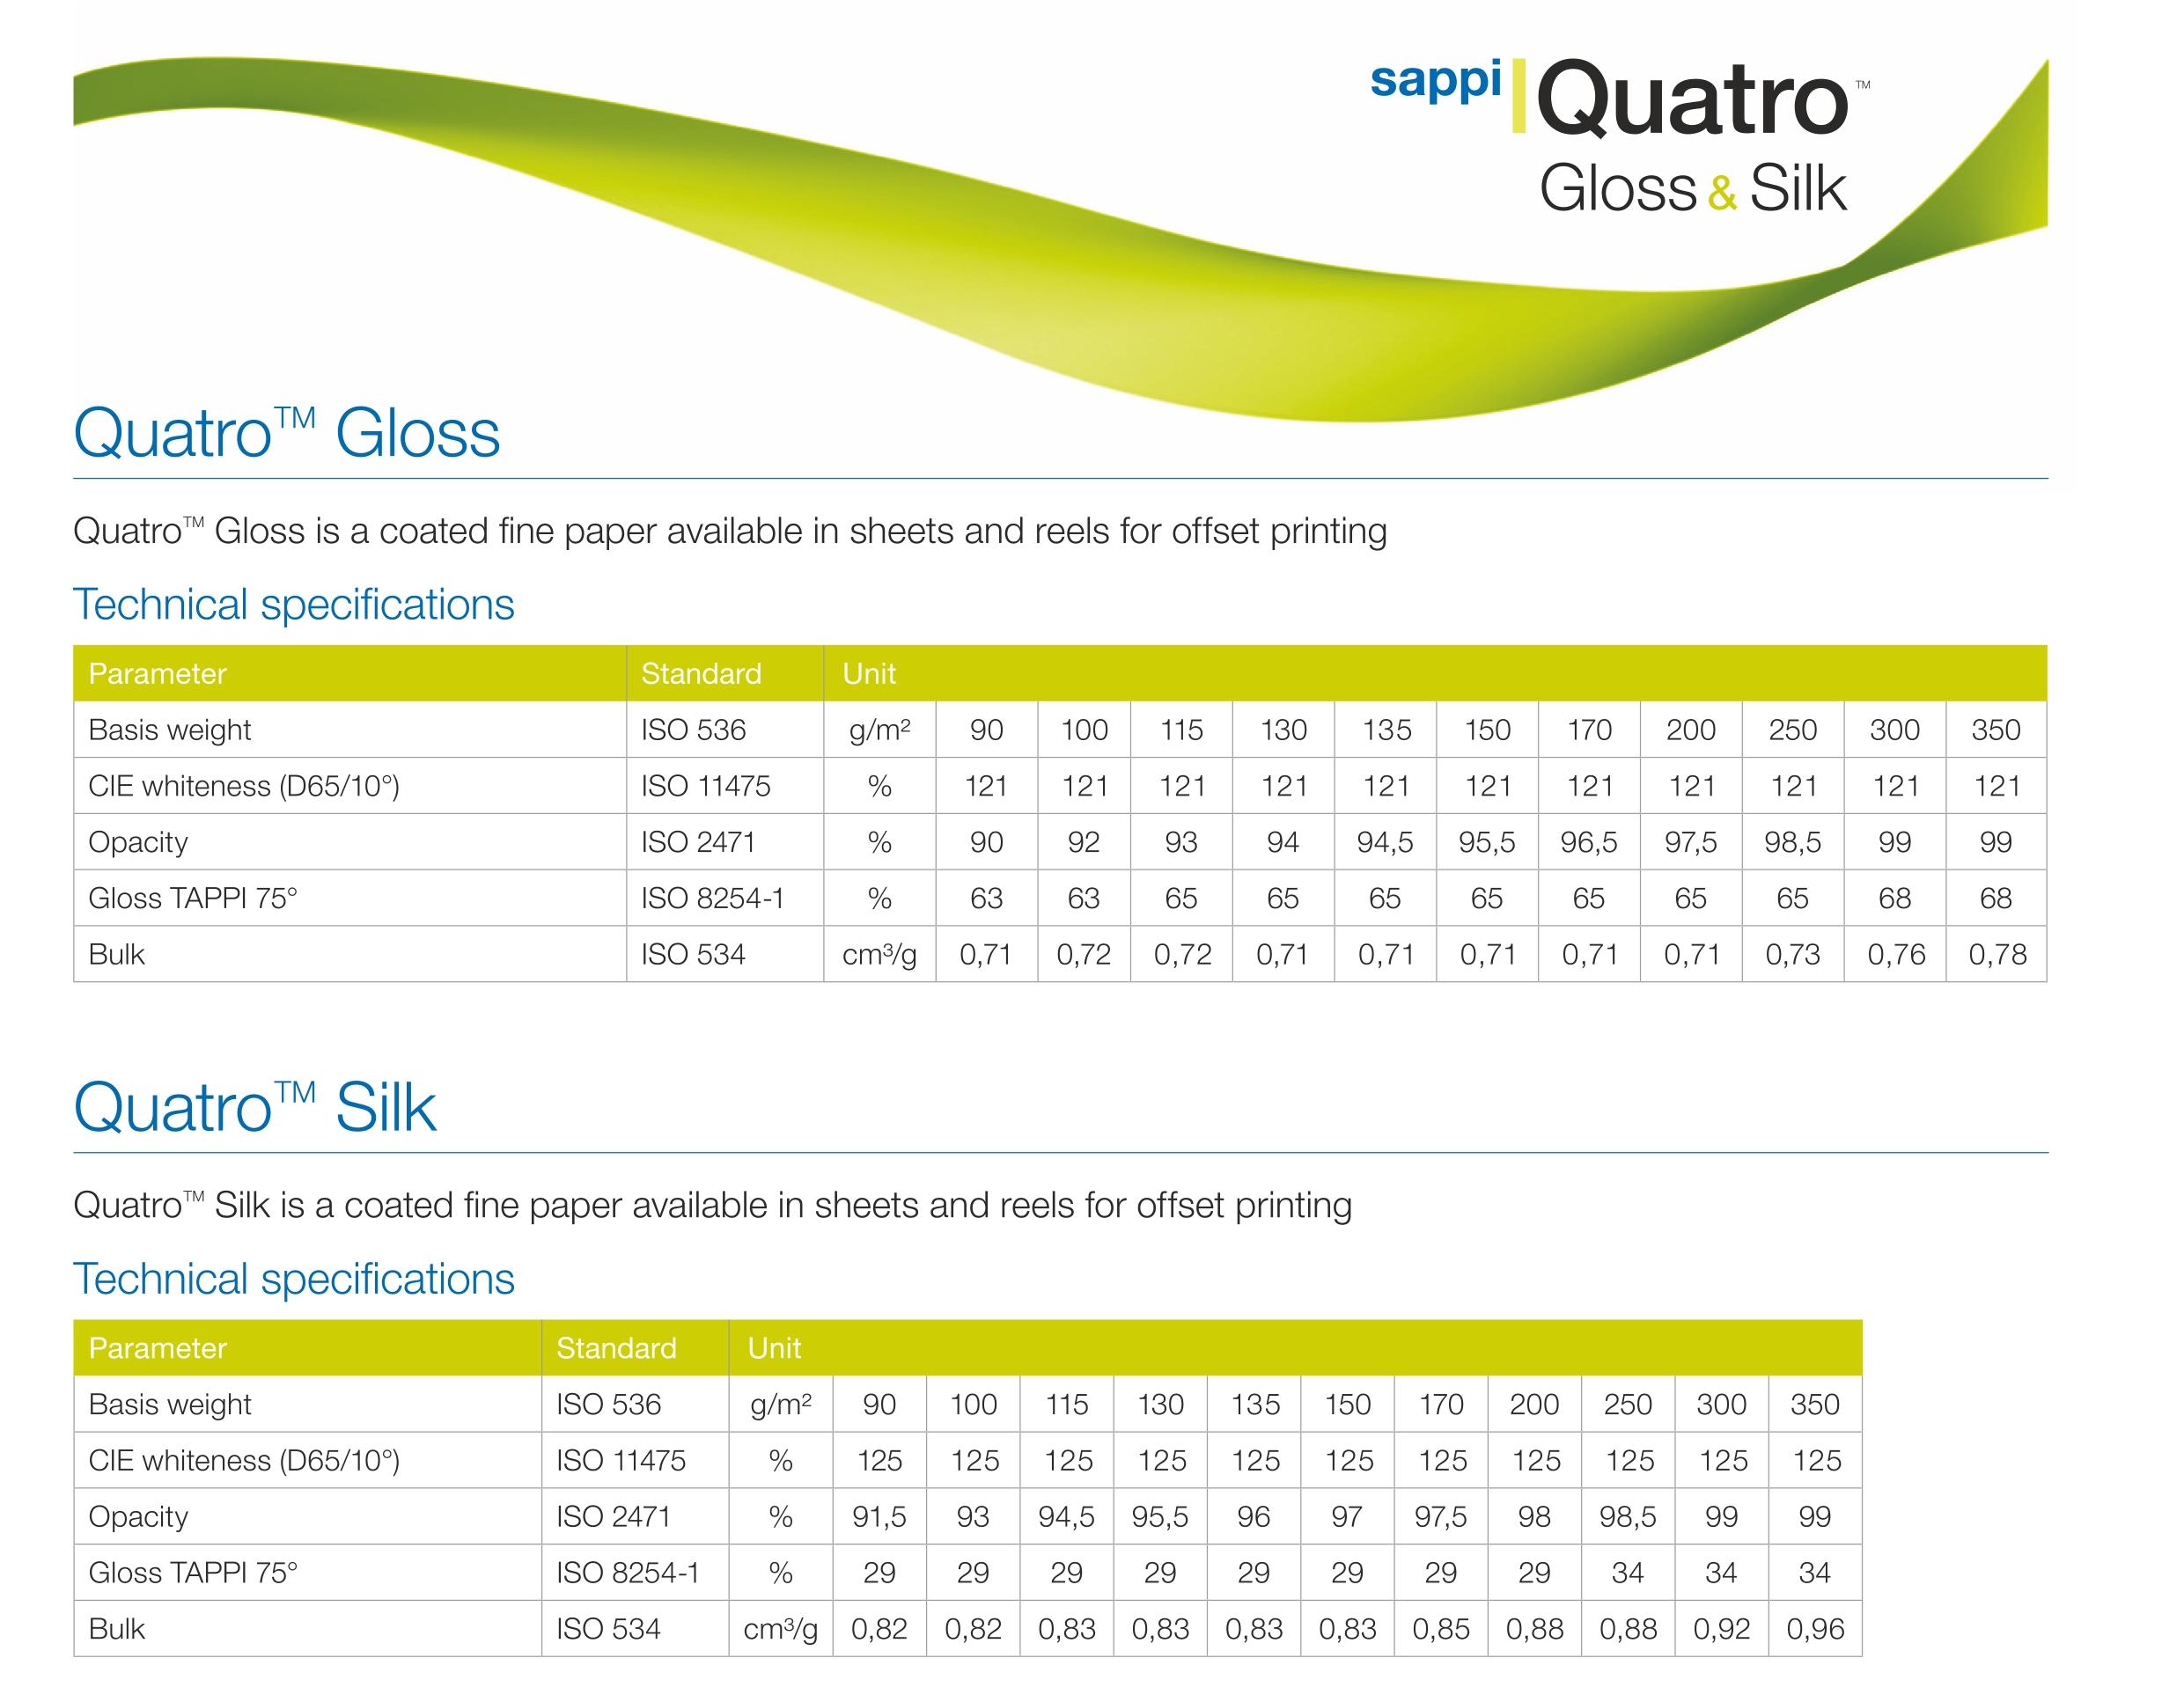 Quatro Gloss and Silk